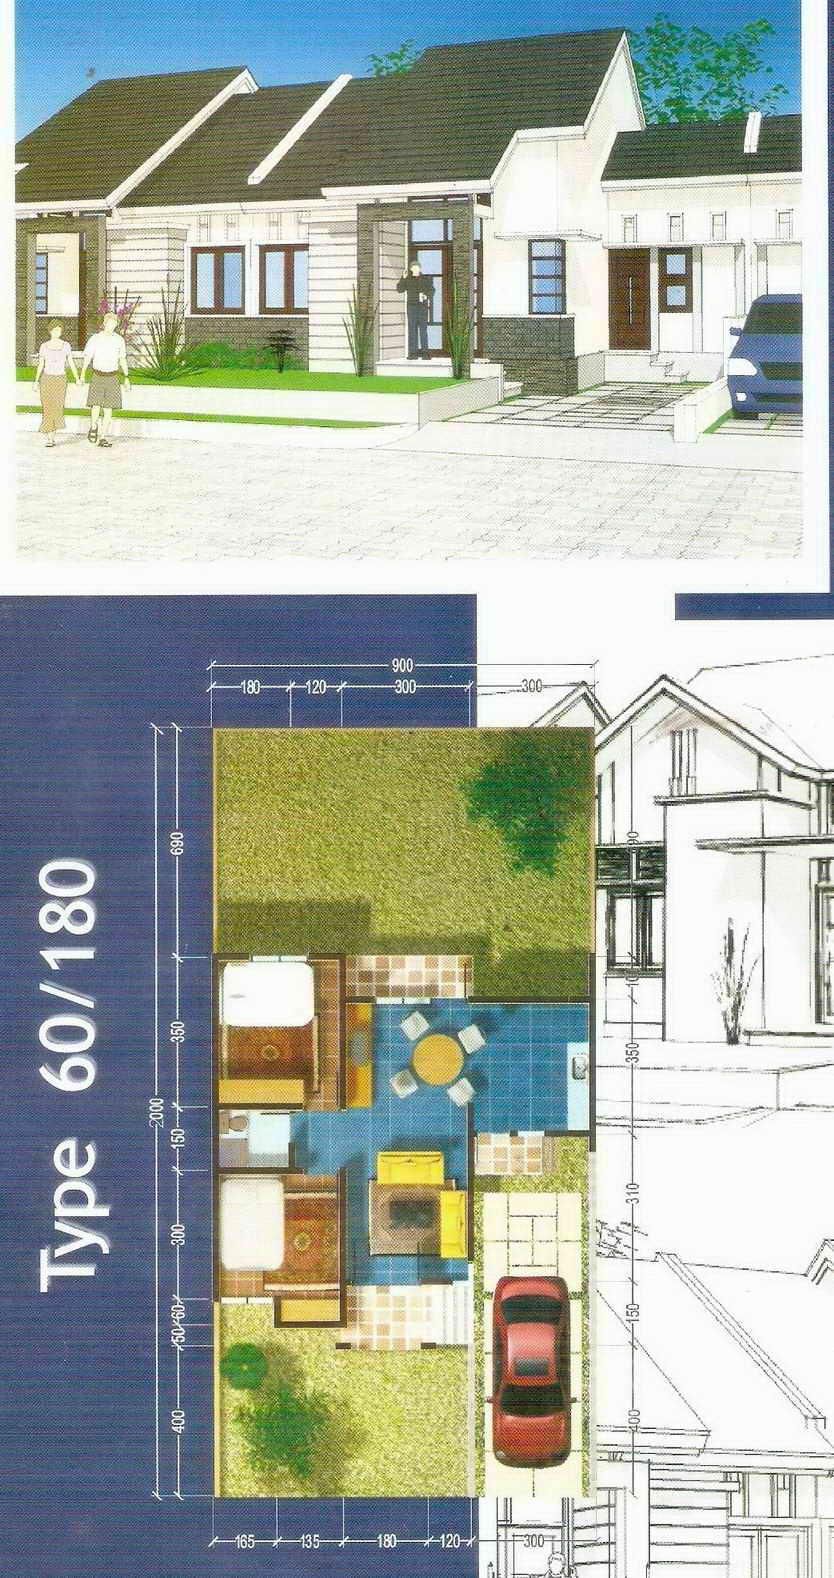 rumahku 1 denah desain rumah minimalis type 60